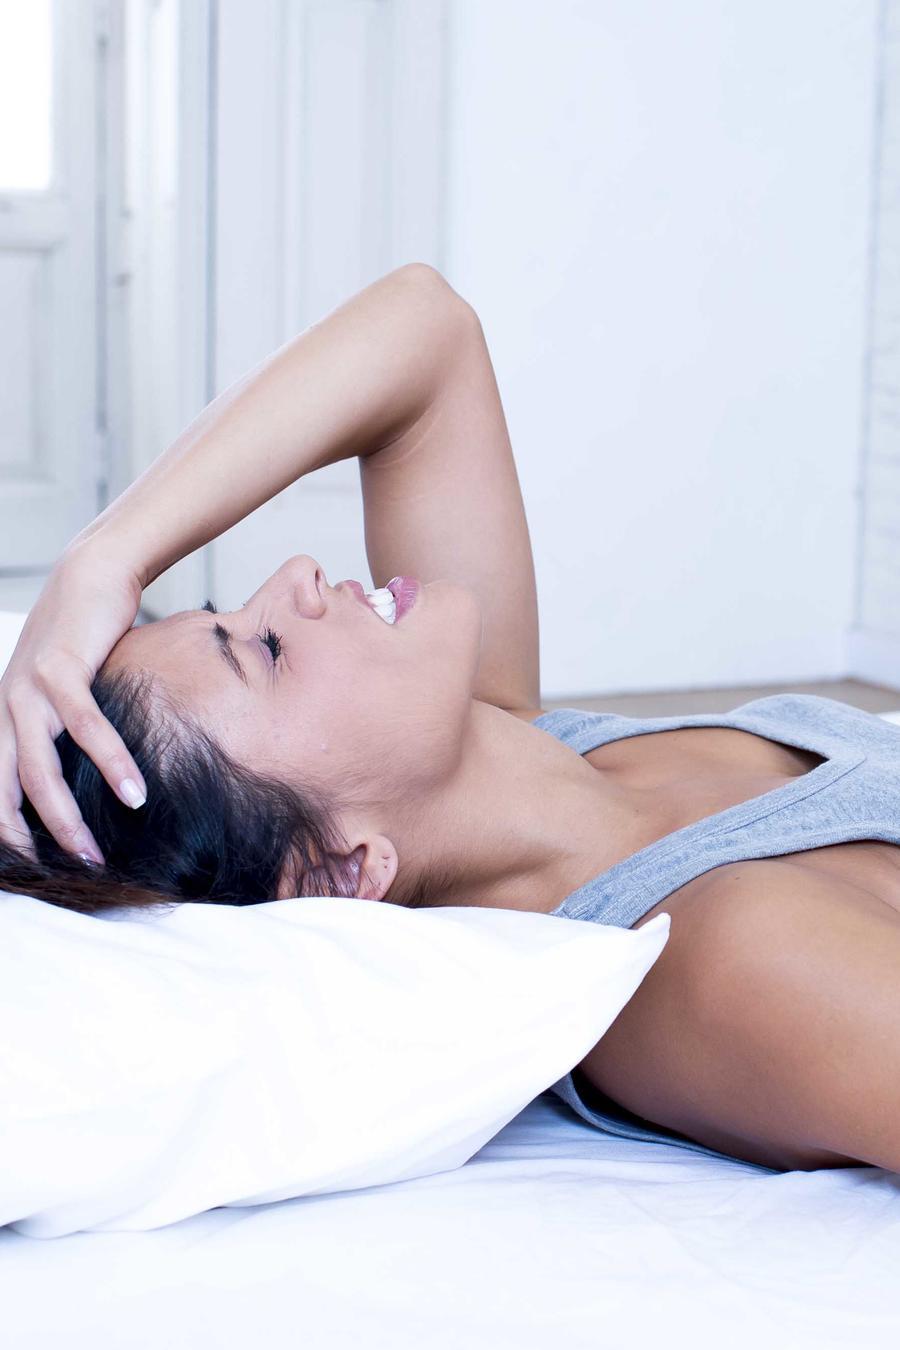 Mujer acostada en la cama con dolor abdominal